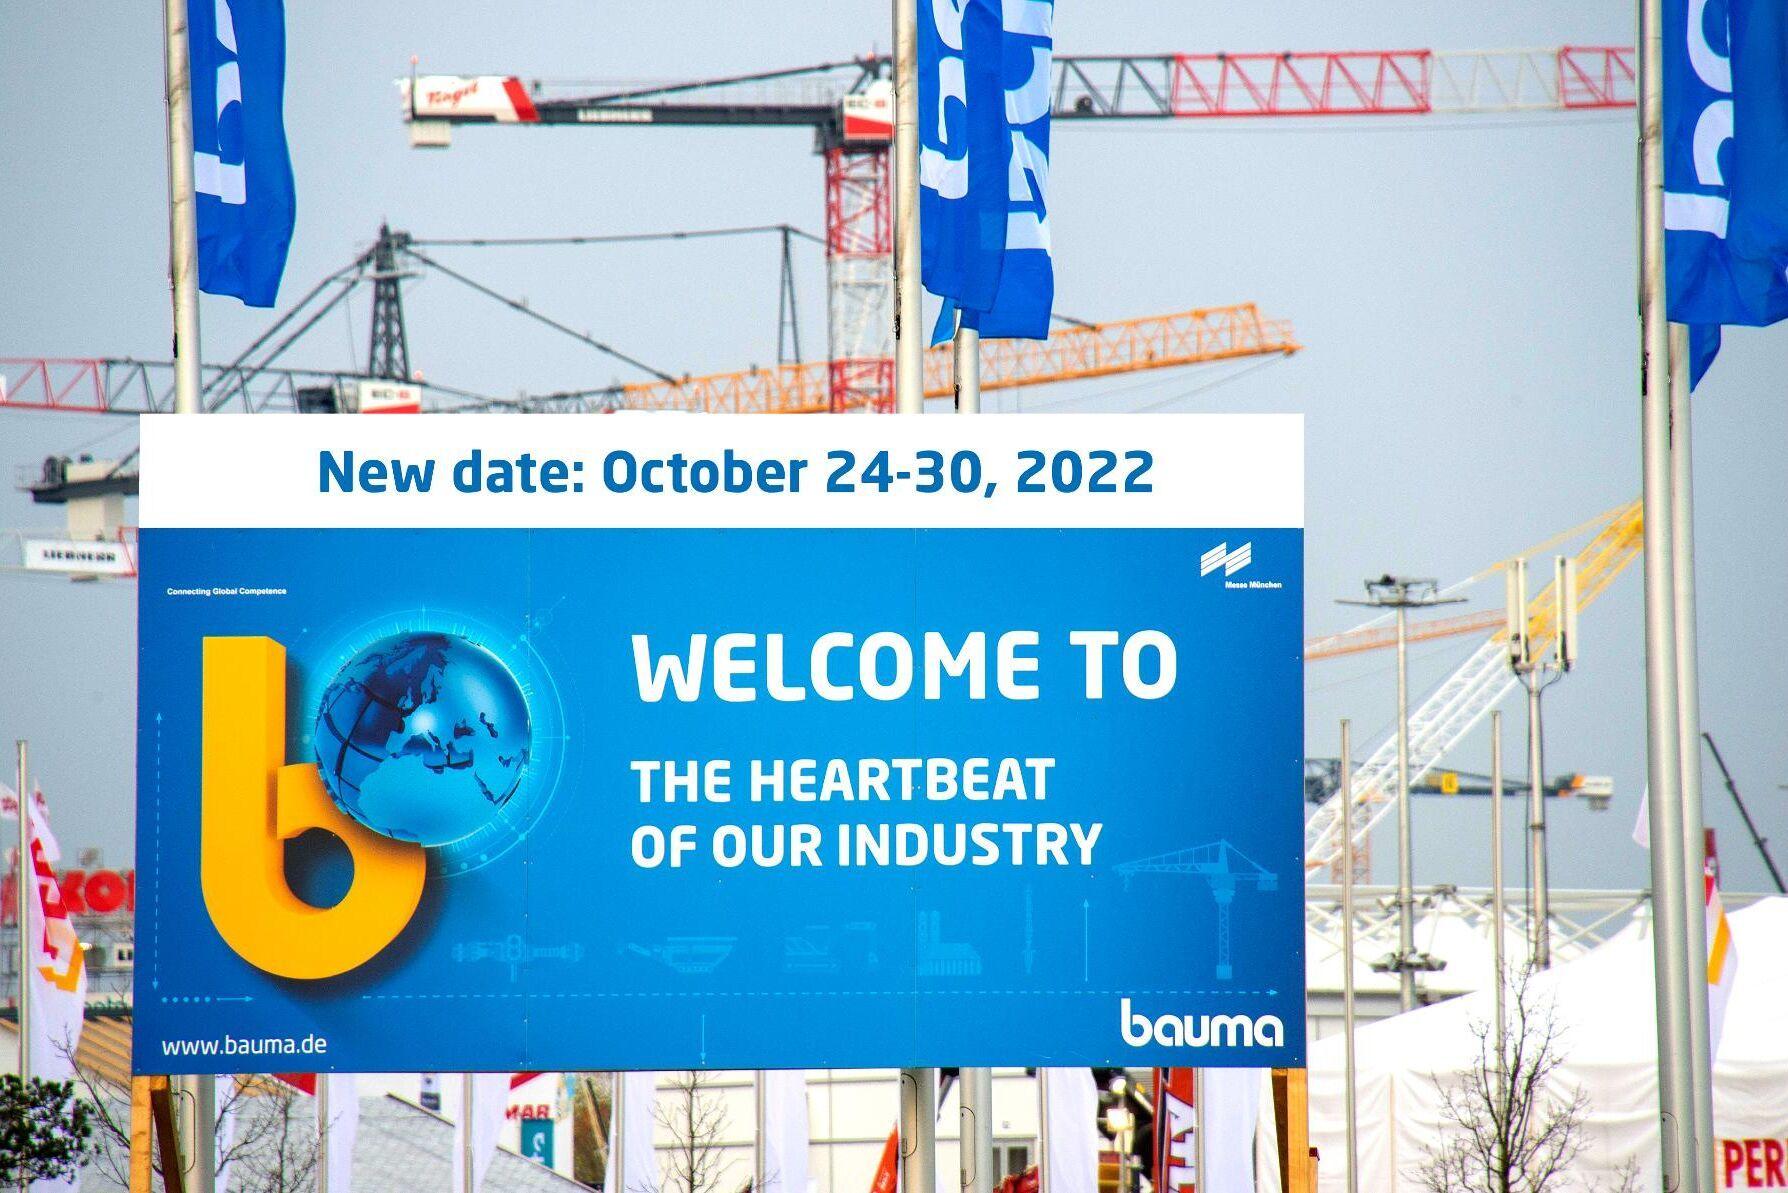 Ingen Bauma i år, i stället välkomnas besökare och utställare i oktober 2022.